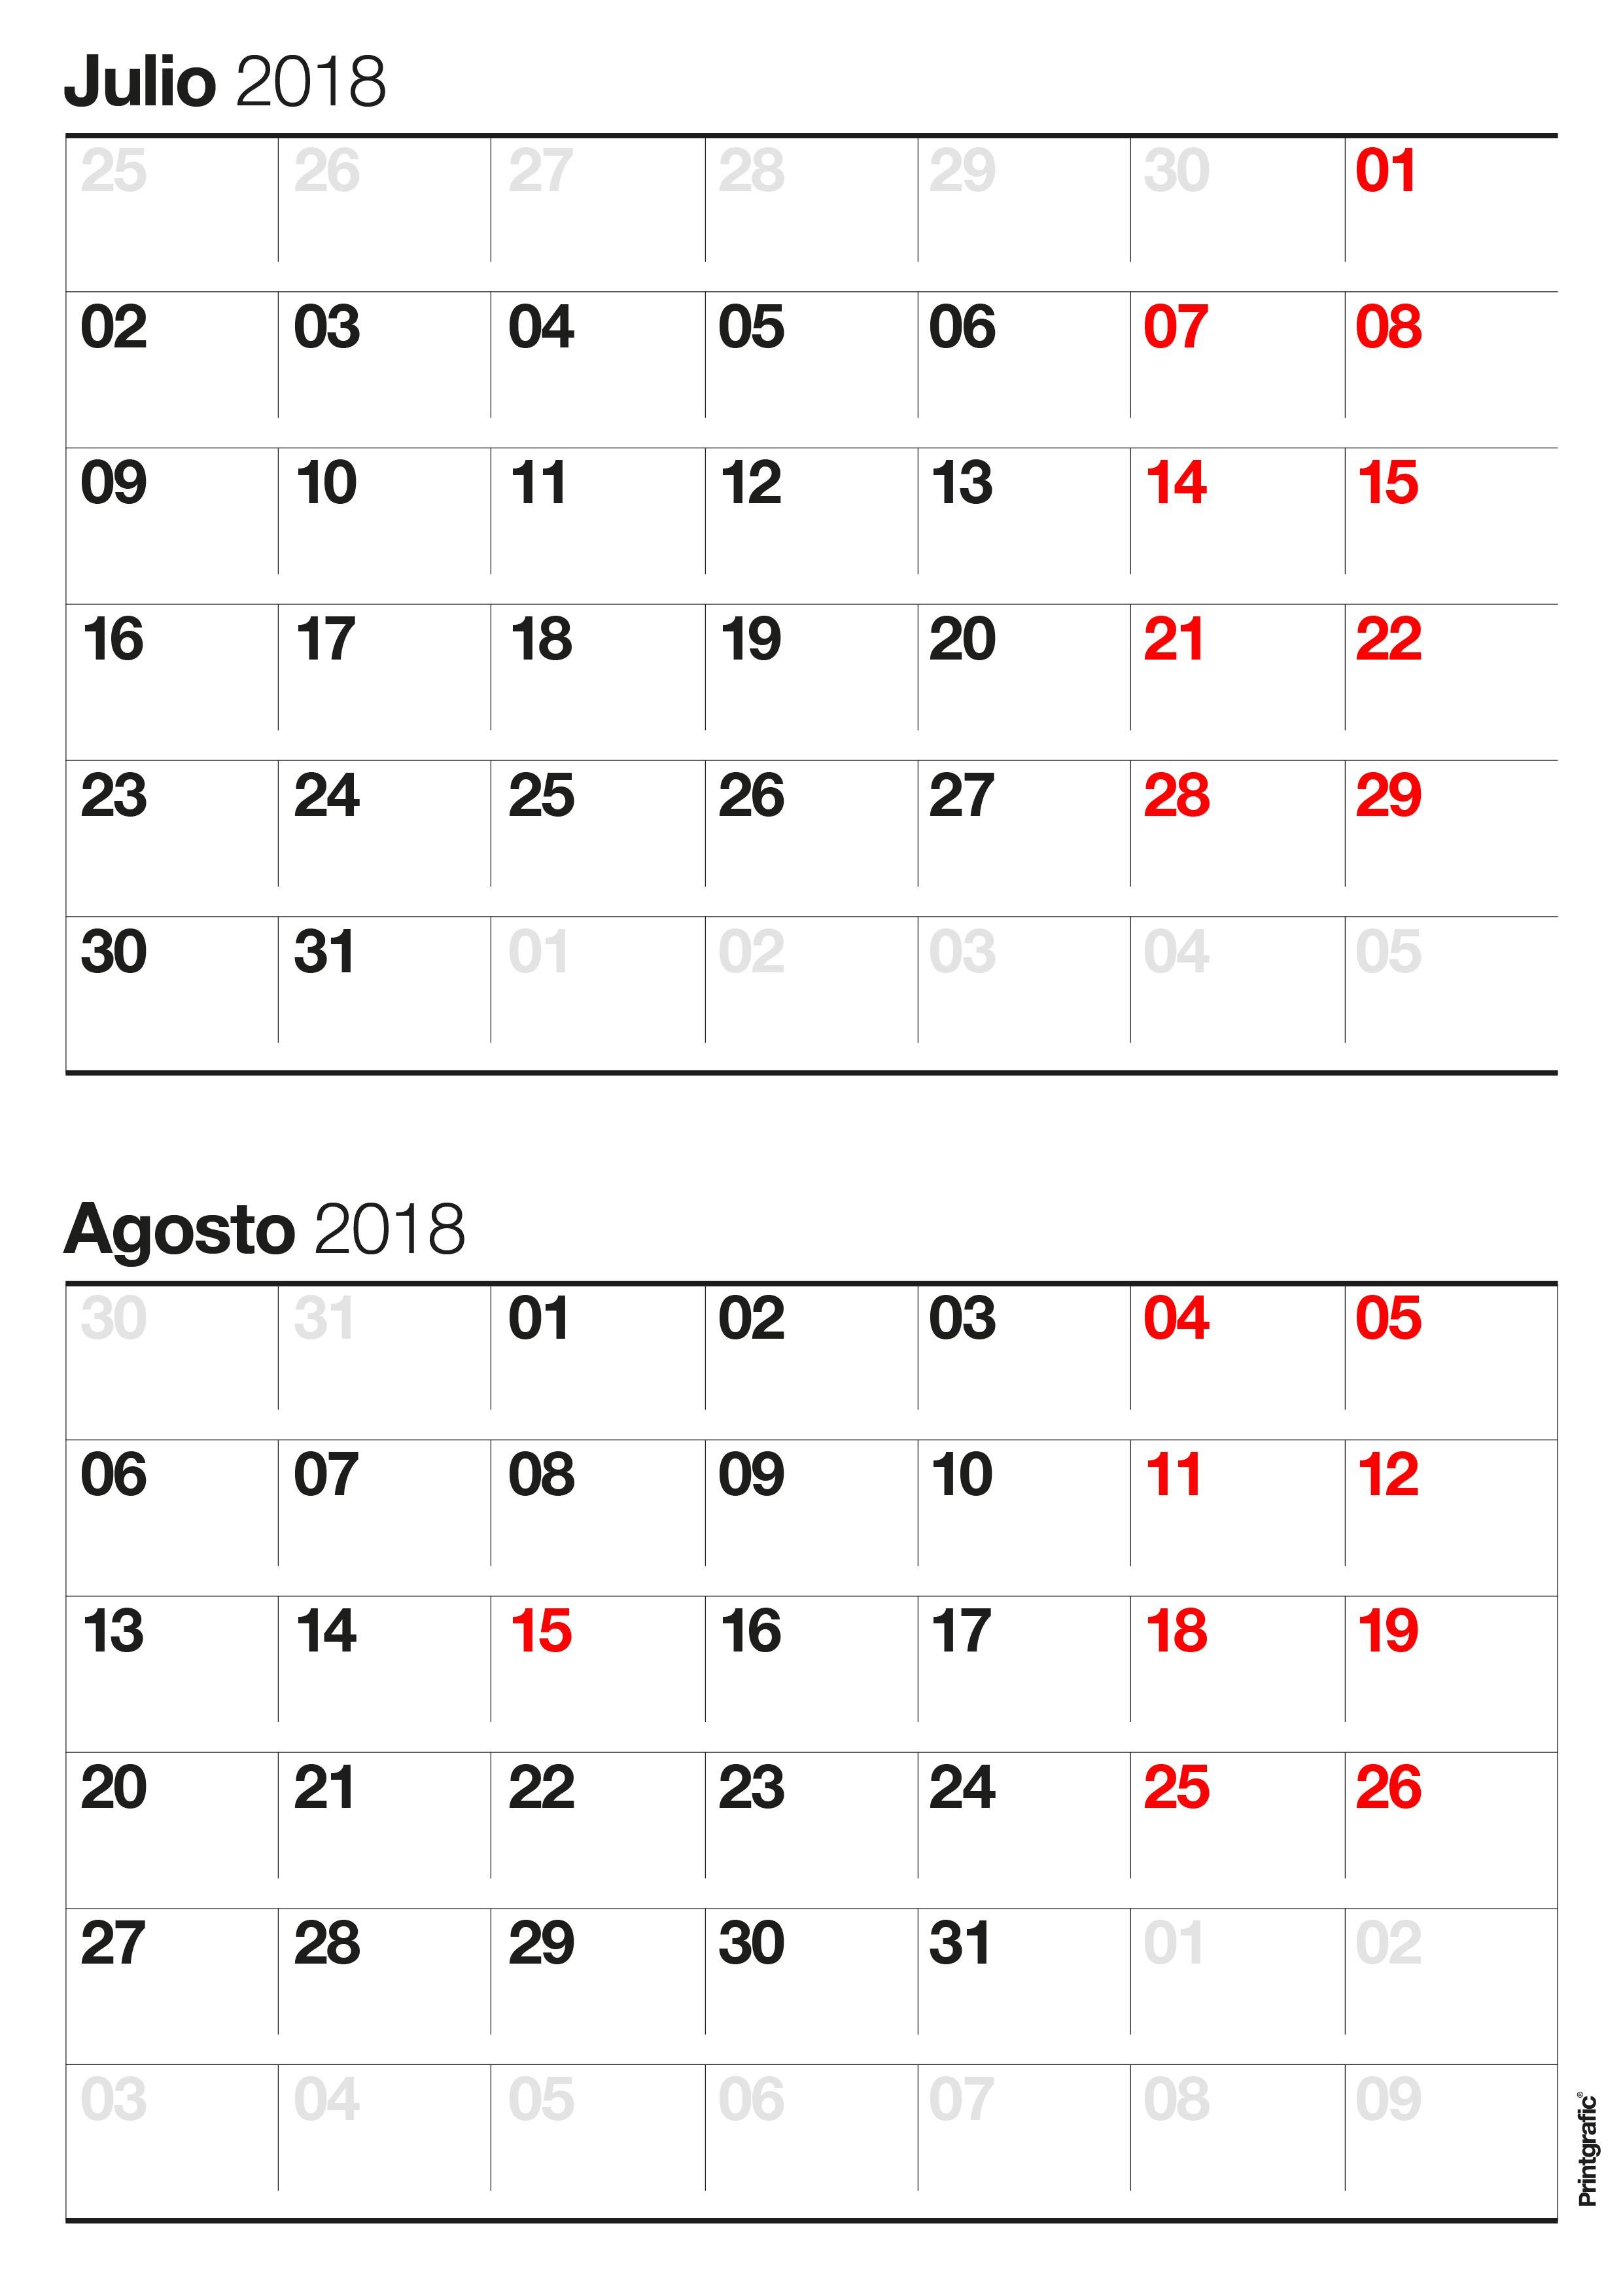 Calendario De Julio 2017 Para Imprimir Más Recientemente Liberado Calendario Para Imprimir Octubre Noviembre 2018 Impresiones Of Calendario De Julio 2017 Para Imprimir Más Arriba-a-fecha Julio 30 Calendario Para Imprimir – Calendarios Para Imprimir